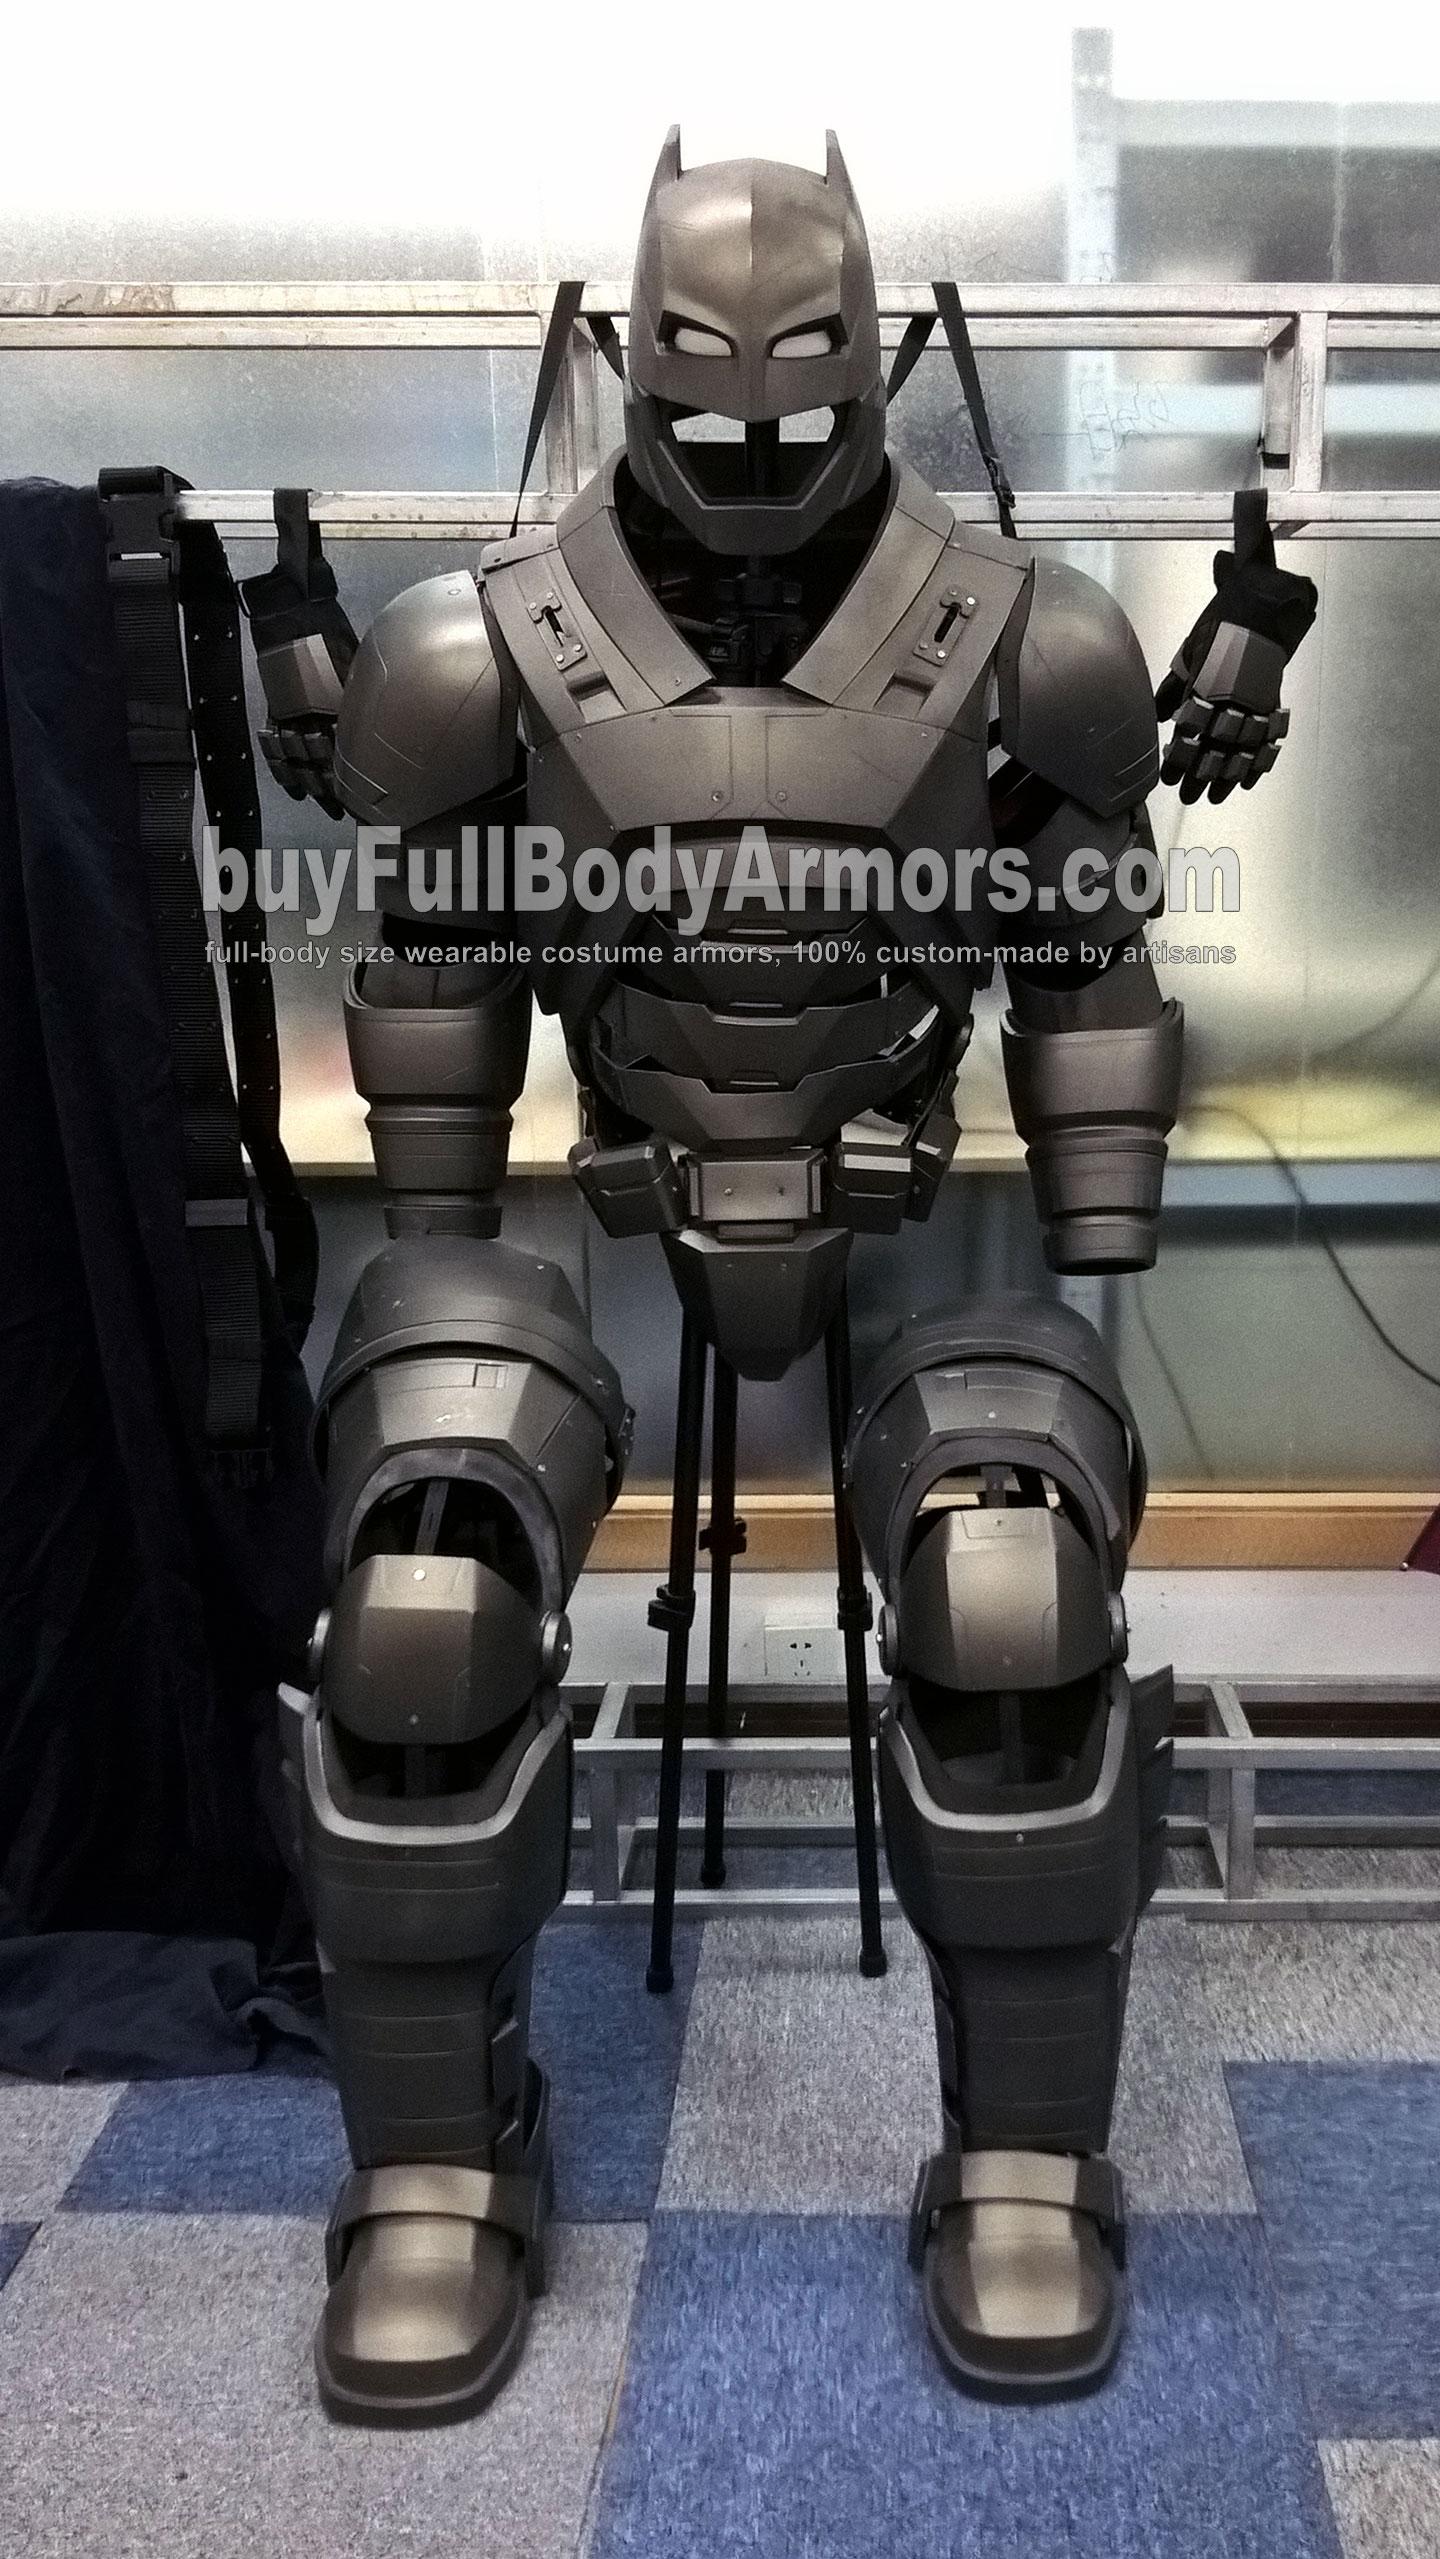 Die Statusanzeige des tragbare Batman Deluxe kostüm fasching kaufen-Displays